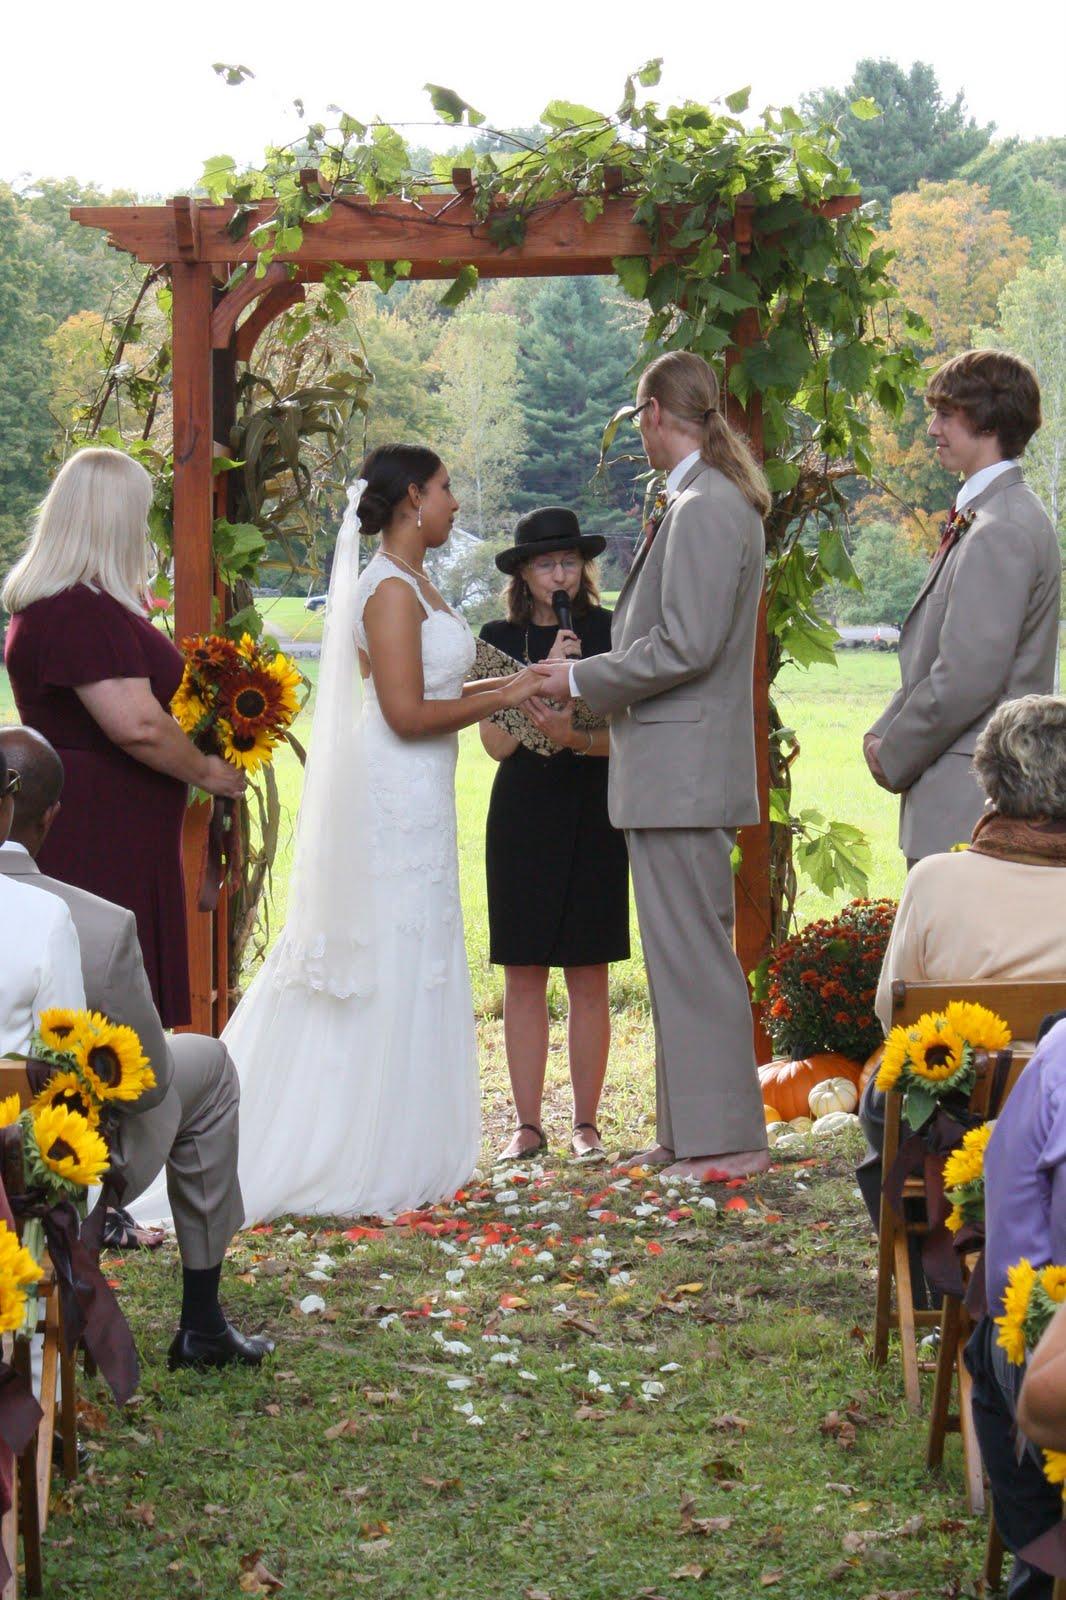 Outdoor Weddings Build Bridges Between Humanity And Nature